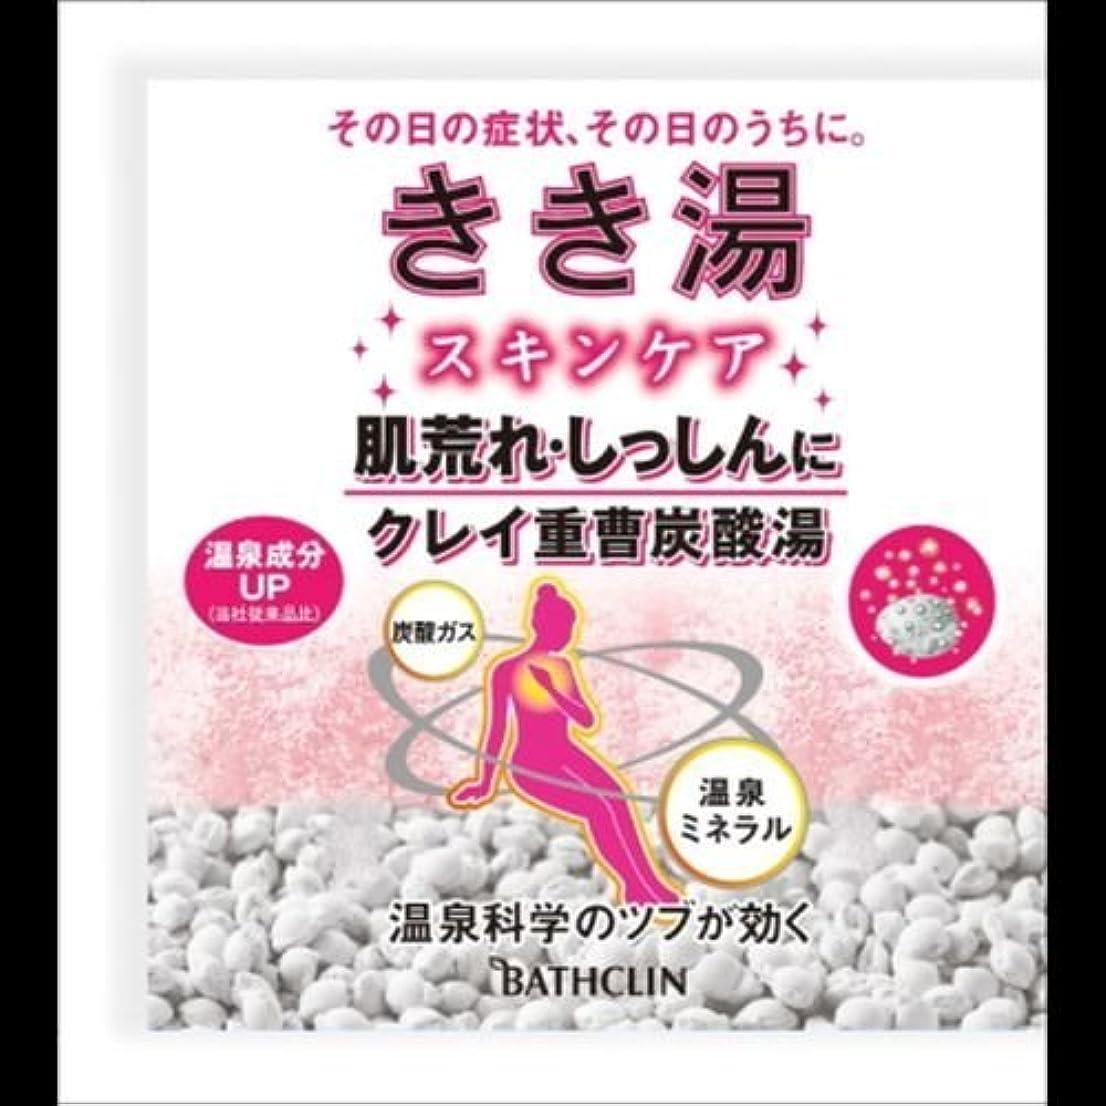 維持するダンプ減らす【まとめ買い】きき湯 クレイ重曹炭酸湯 30g(入浴剤) ×2セット